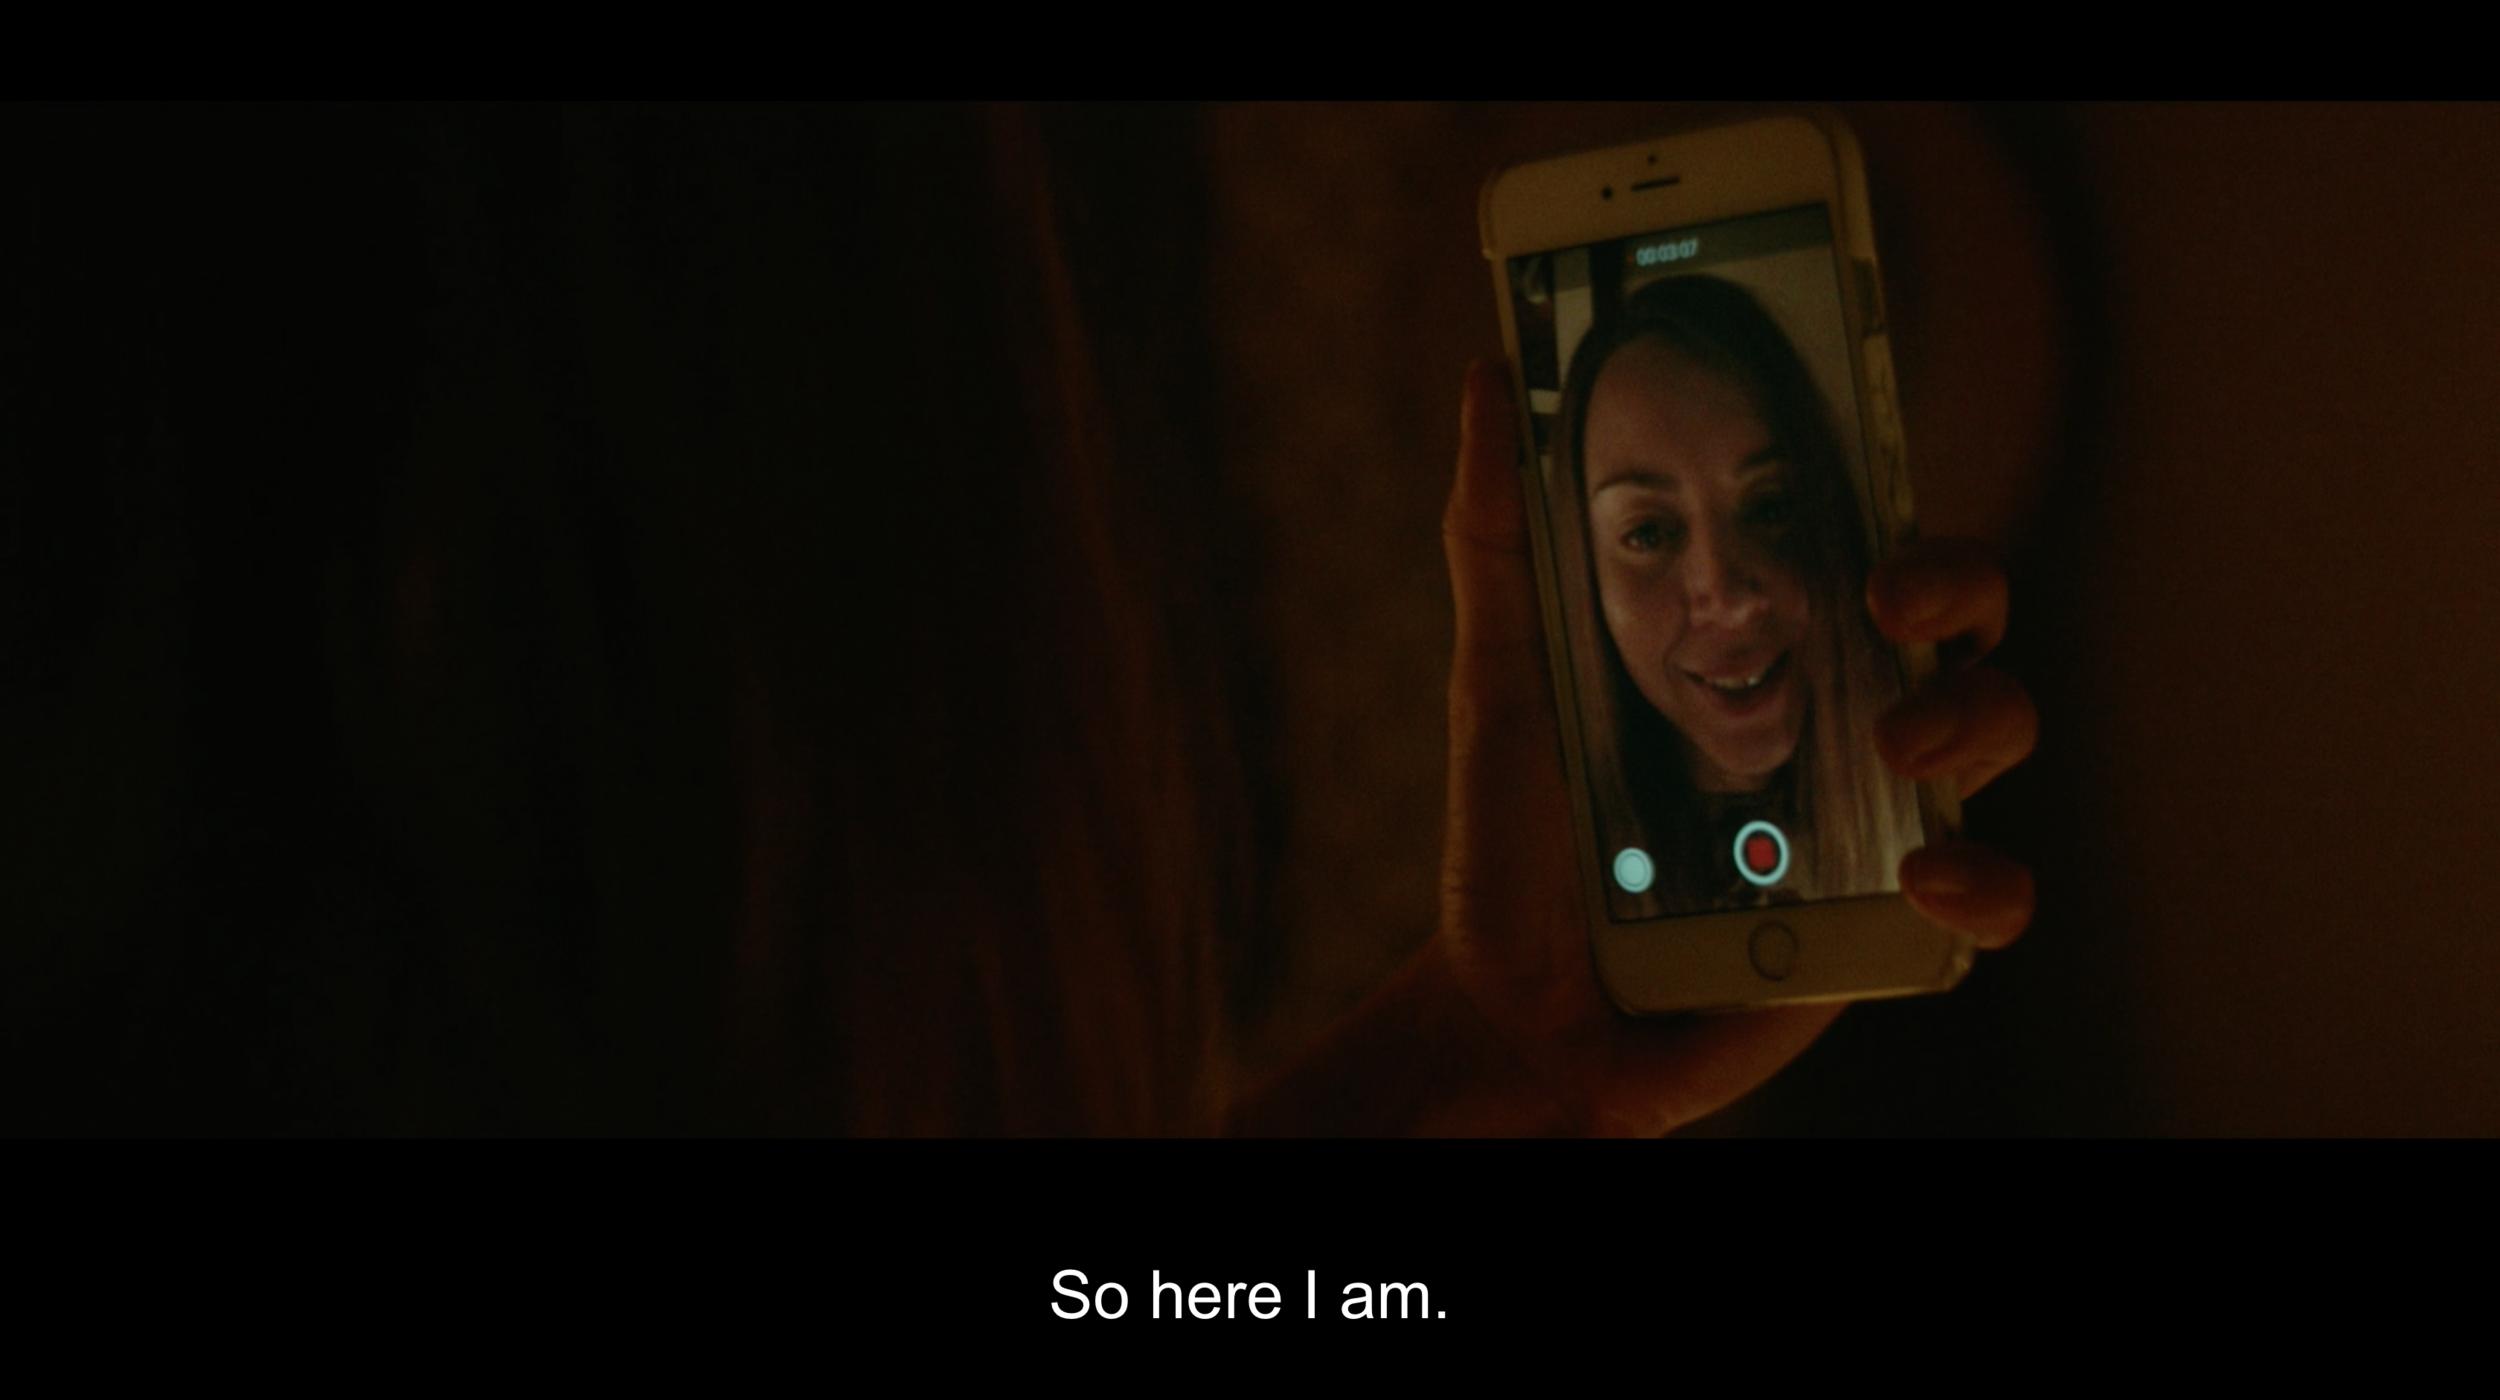 Screen Shot 2019-05-30 at 9.27.06 PM.png